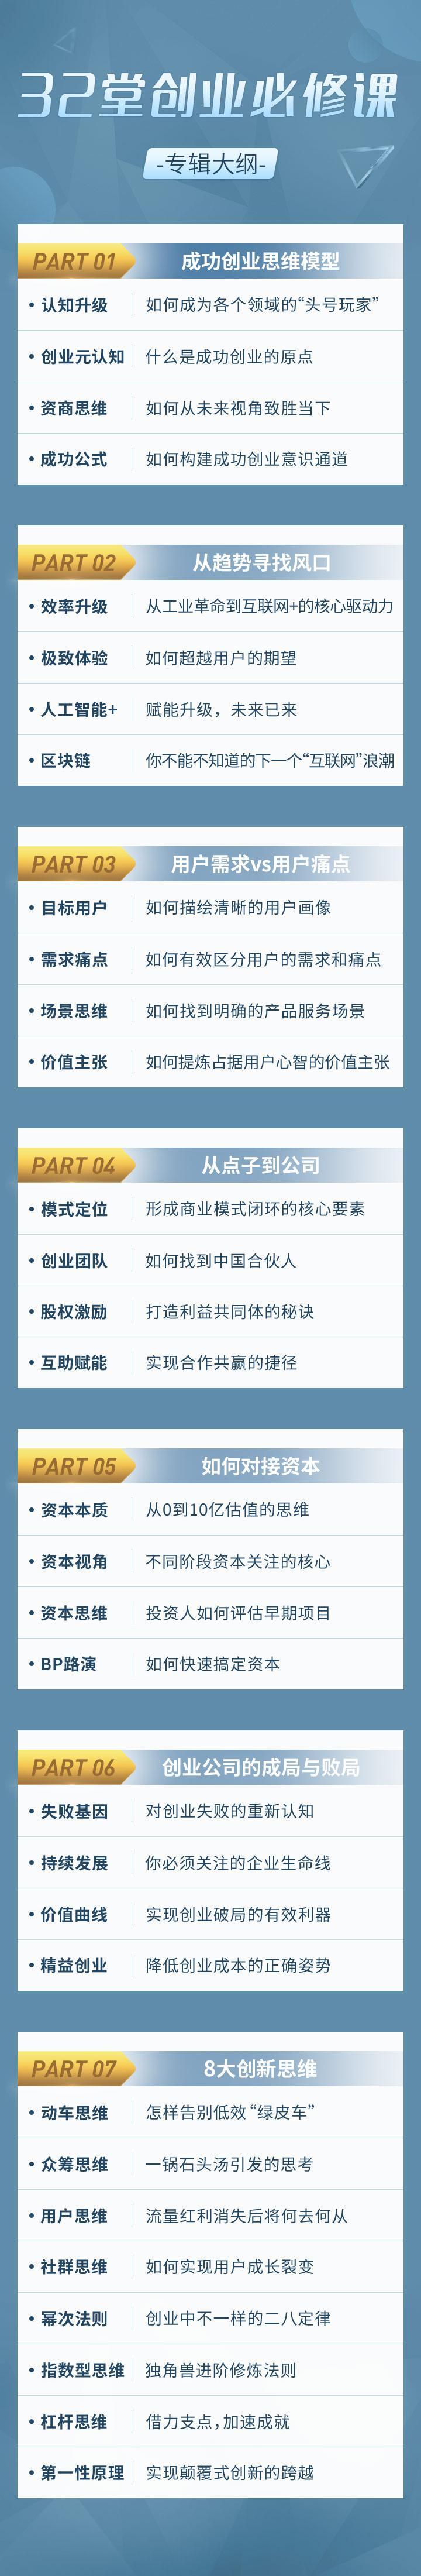 曹清的32堂创业者必修课